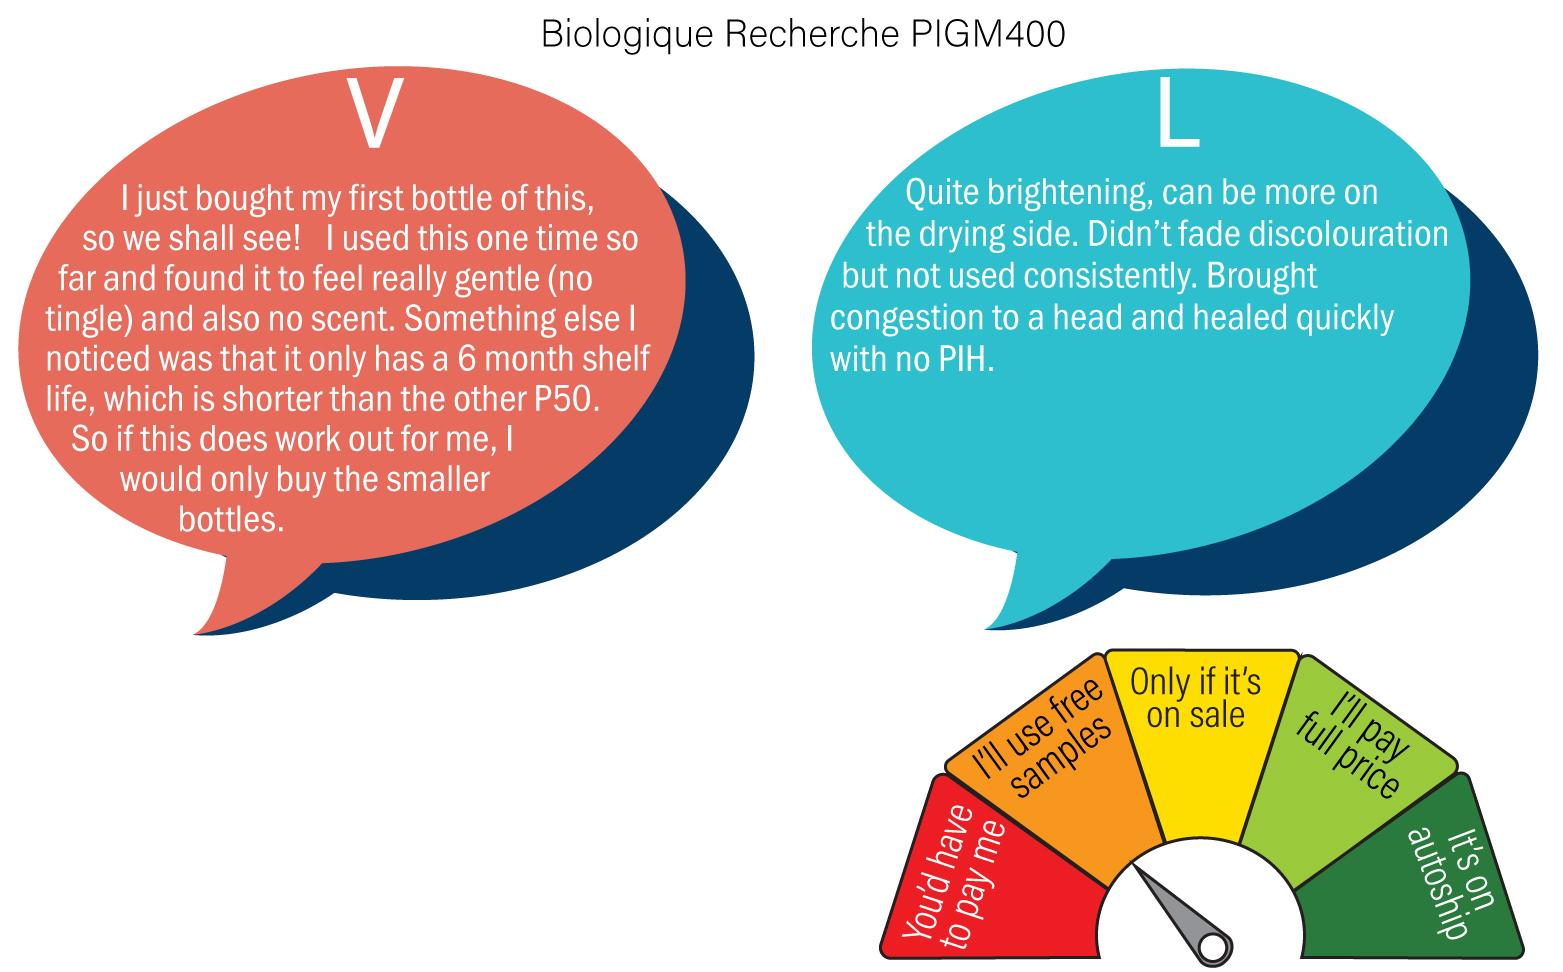 PIGM400-review.jpg